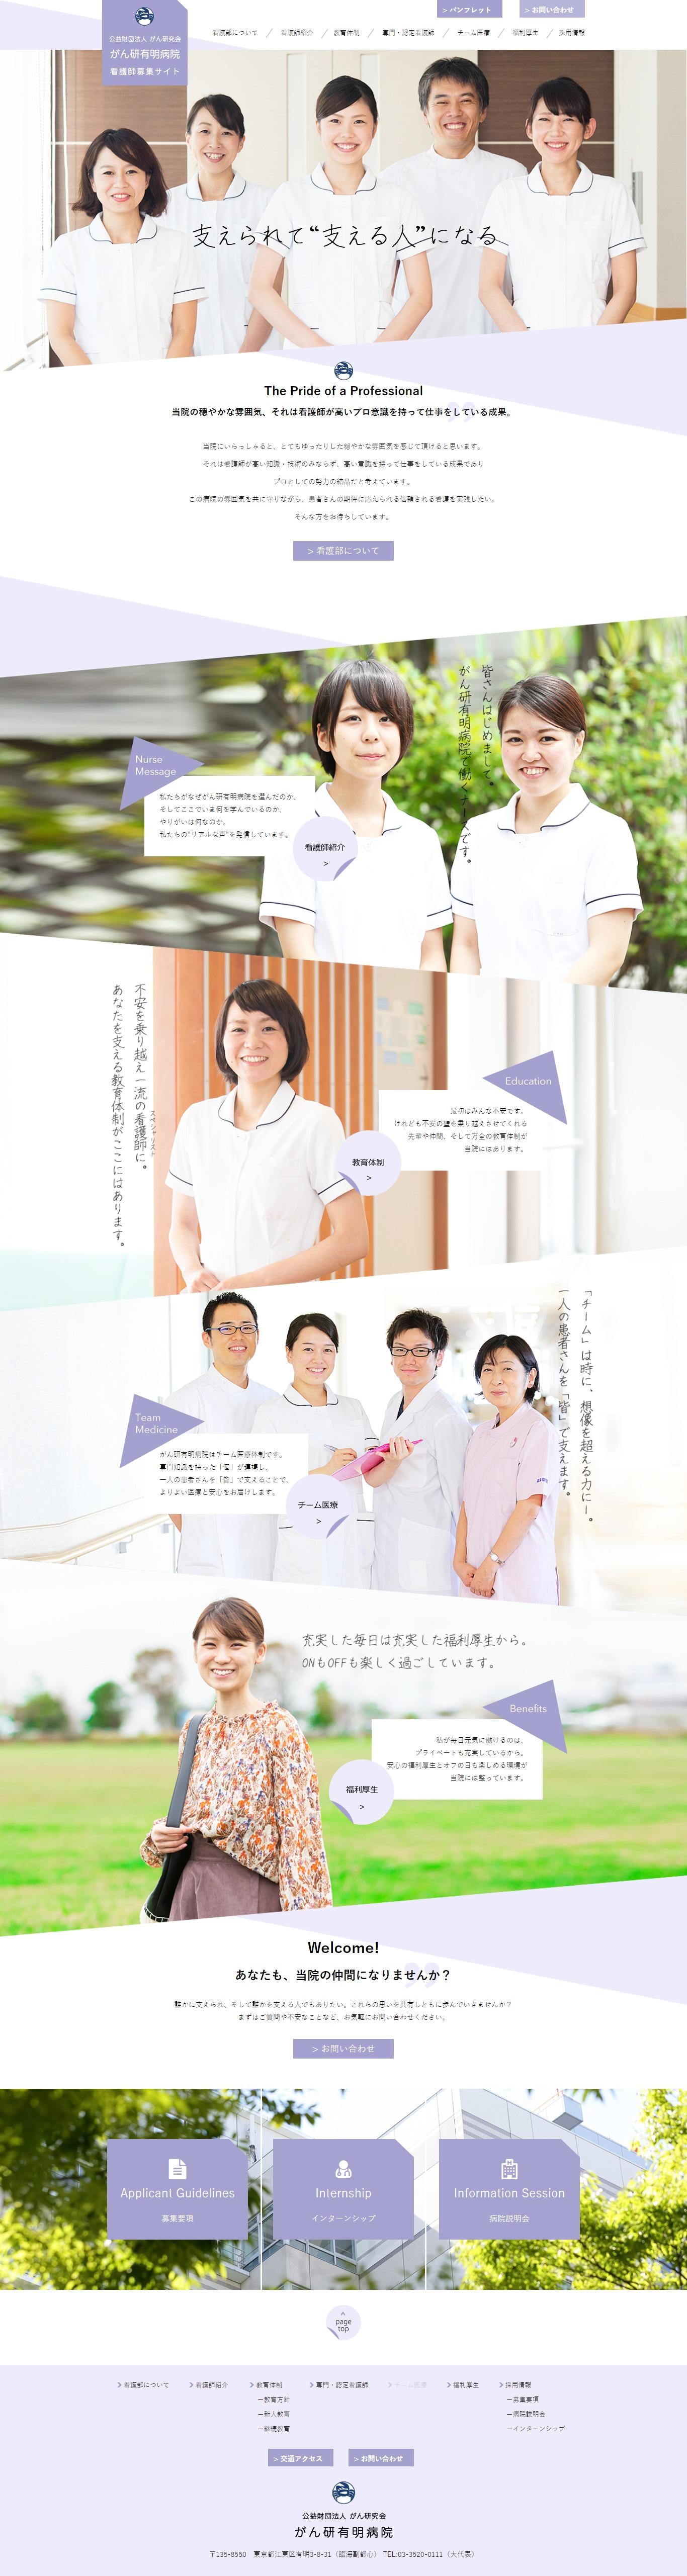 2017年4月作成「がん研有明病院」看護部サイト